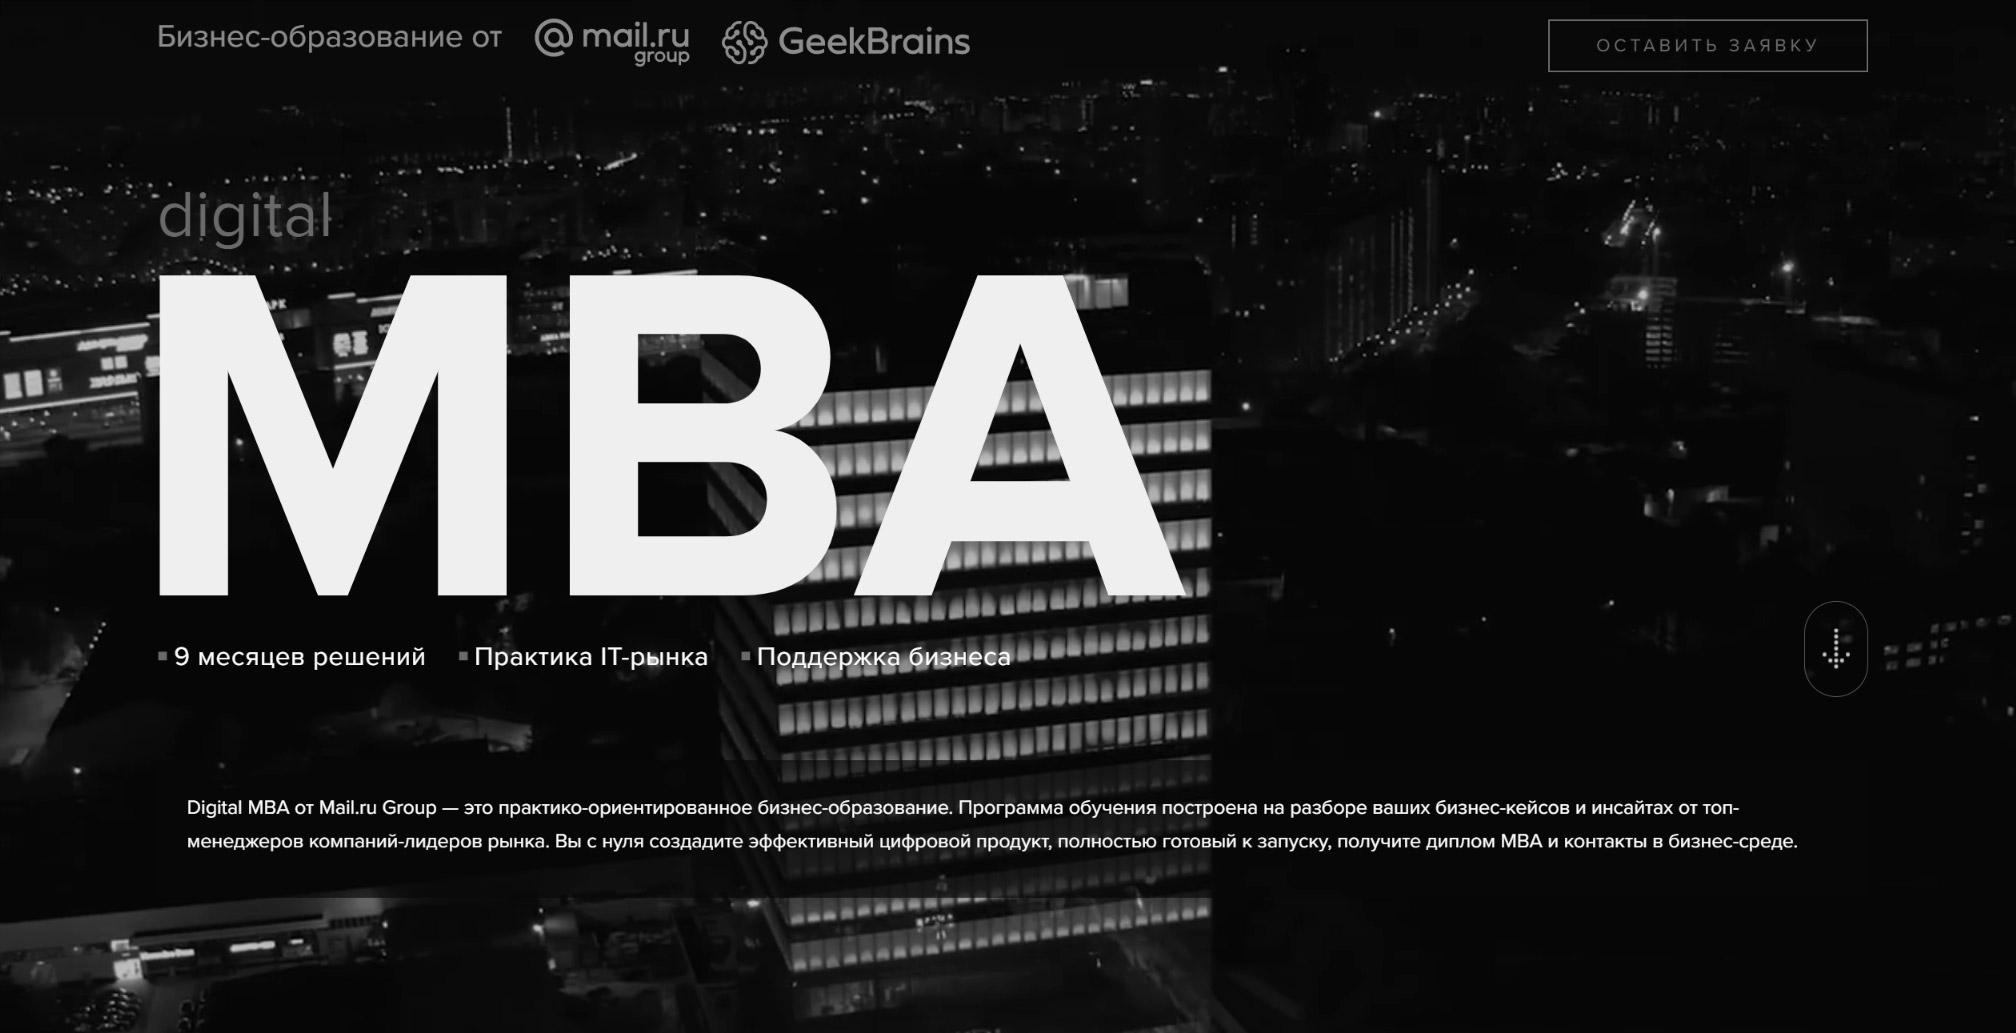 курсы MBA от GeekBrains